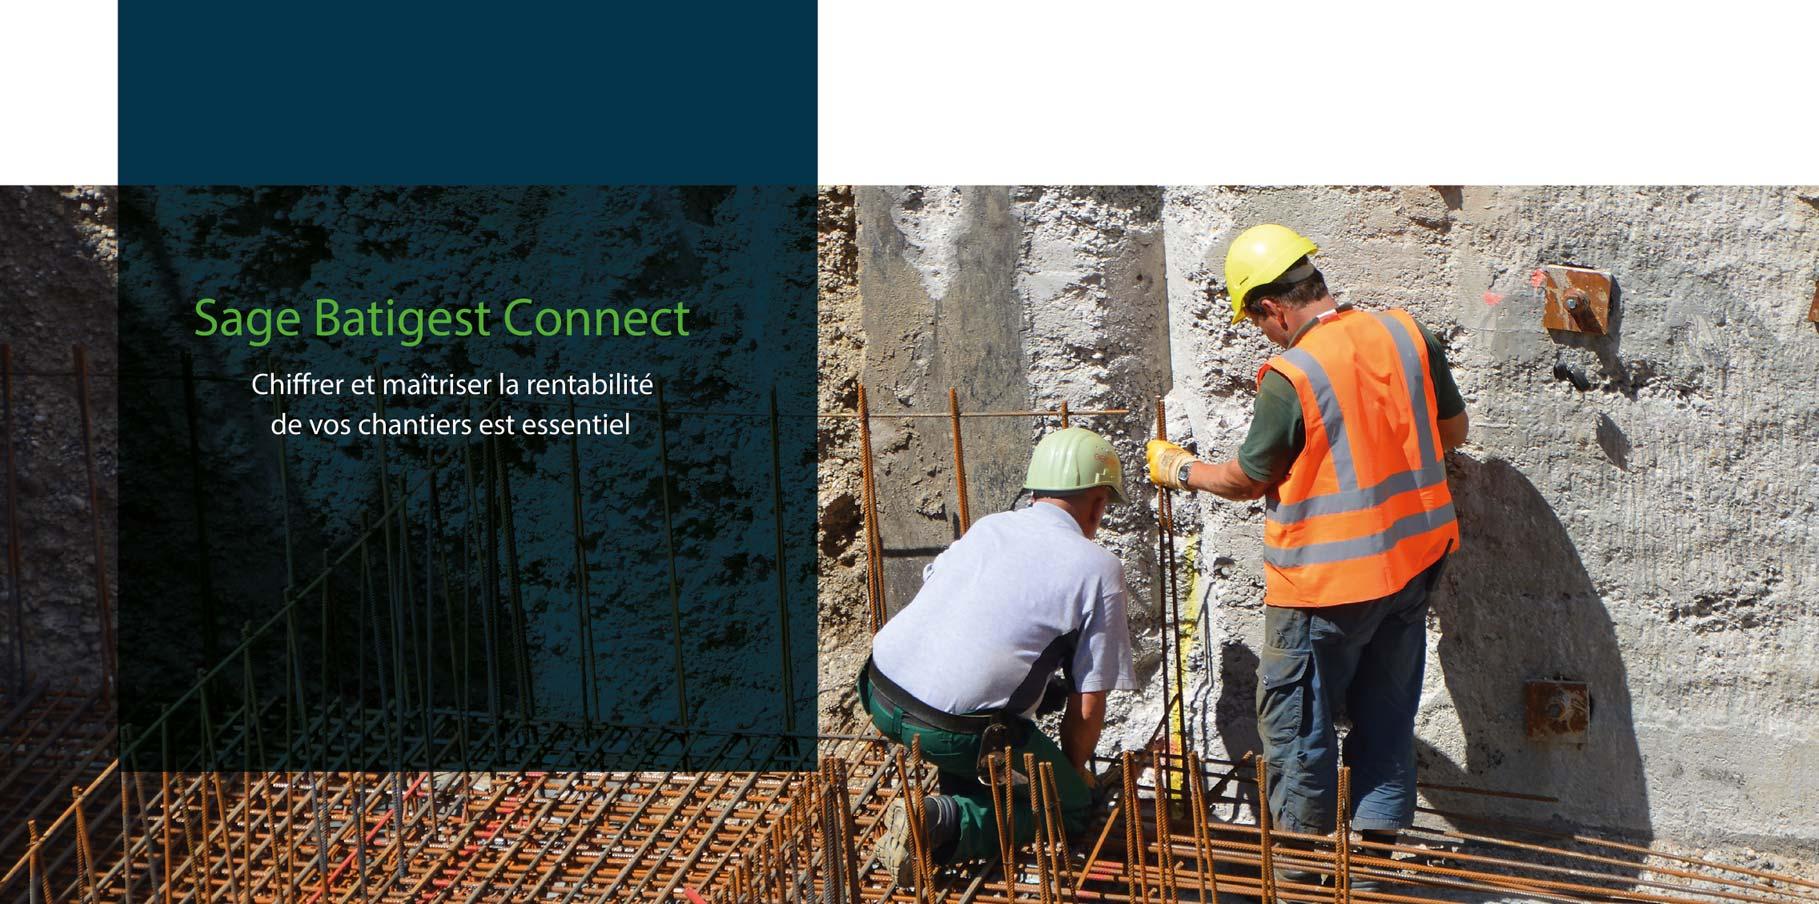 Sage Batigest Connect, chiffrer et maîtriser la rentabilité de vos chantiers - ACAS